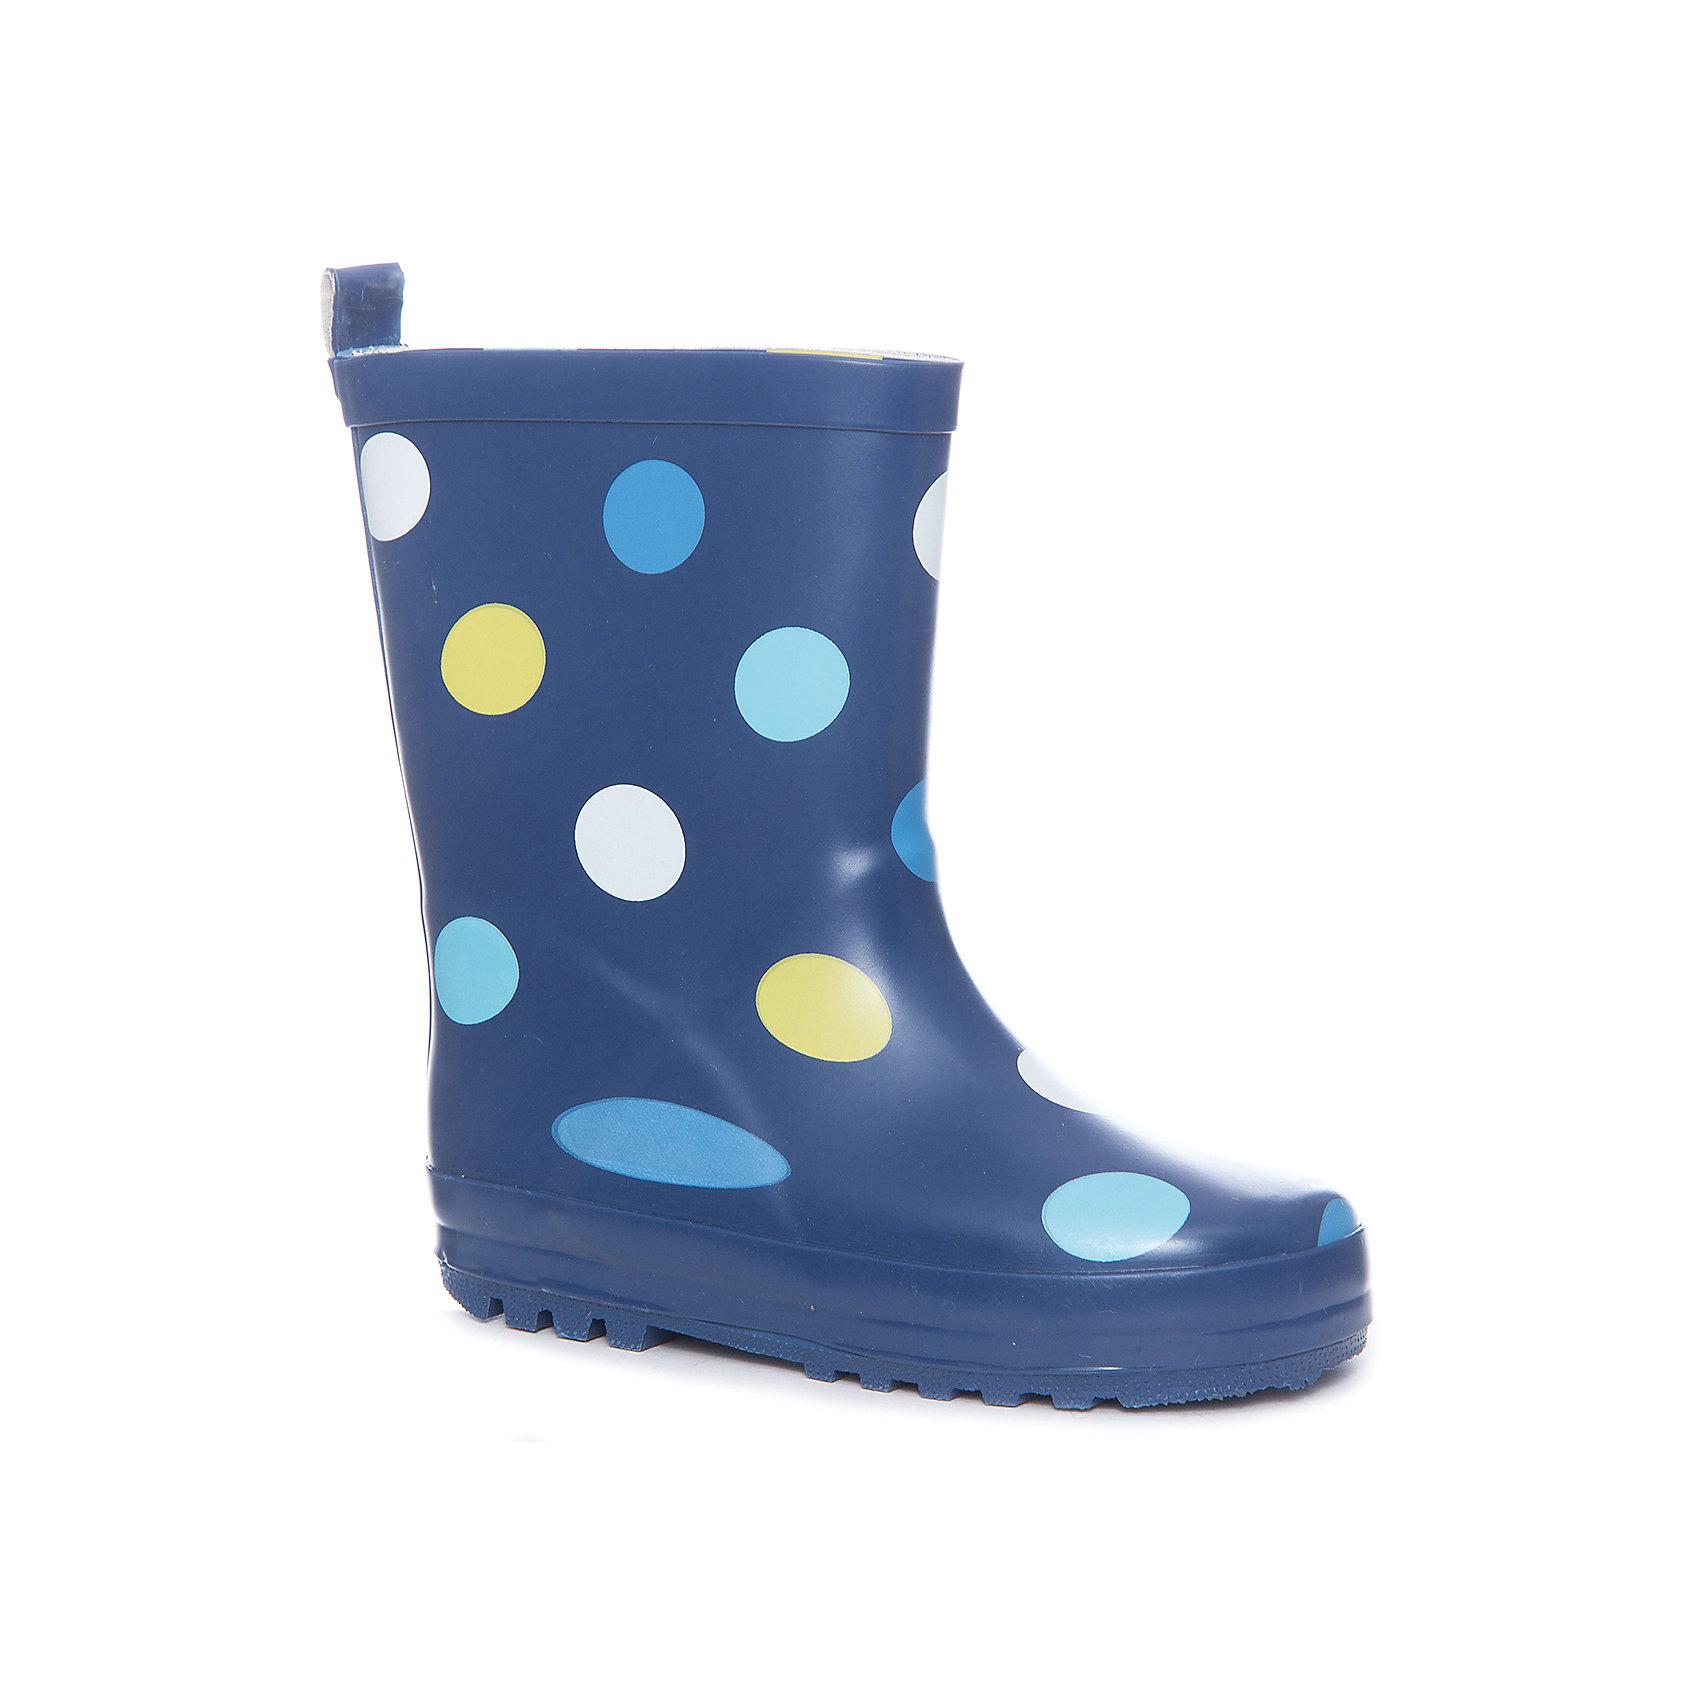 Резиновые сапоги  для девочки PlayTodayРезиновые сапоги<br>Сапоги для девочки PlayToday<br>Сапоги идеально подойдут для ежедневного использования в дождливую погоду. Модель на утолщенной рифленой подошве с небольшим устойчивым каблуком. Мягкая подкладка обеспечит комфорт ногам. <br><br>Преимущества: <br><br>Сапоги для ежедневного использования в дождливую погоду<br>Утолщенная рифленая подошва<br>Мягкая подкладка обеспечит комфорт ногам<br><br>Состав:<br>Верх:100%резина;Подкладка:100%хлопок;Подошва:100%резина<br><br>Ширина мм: 257<br>Глубина мм: 180<br>Высота мм: 130<br>Вес г: 420<br>Цвет: разноцветный<br>Возраст от месяцев: 48<br>Возраст до месяцев: 60<br>Пол: Женский<br>Возраст: Детский<br>Размер: 28,29,30,31,32,33,34,35,27<br>SKU: 5404570